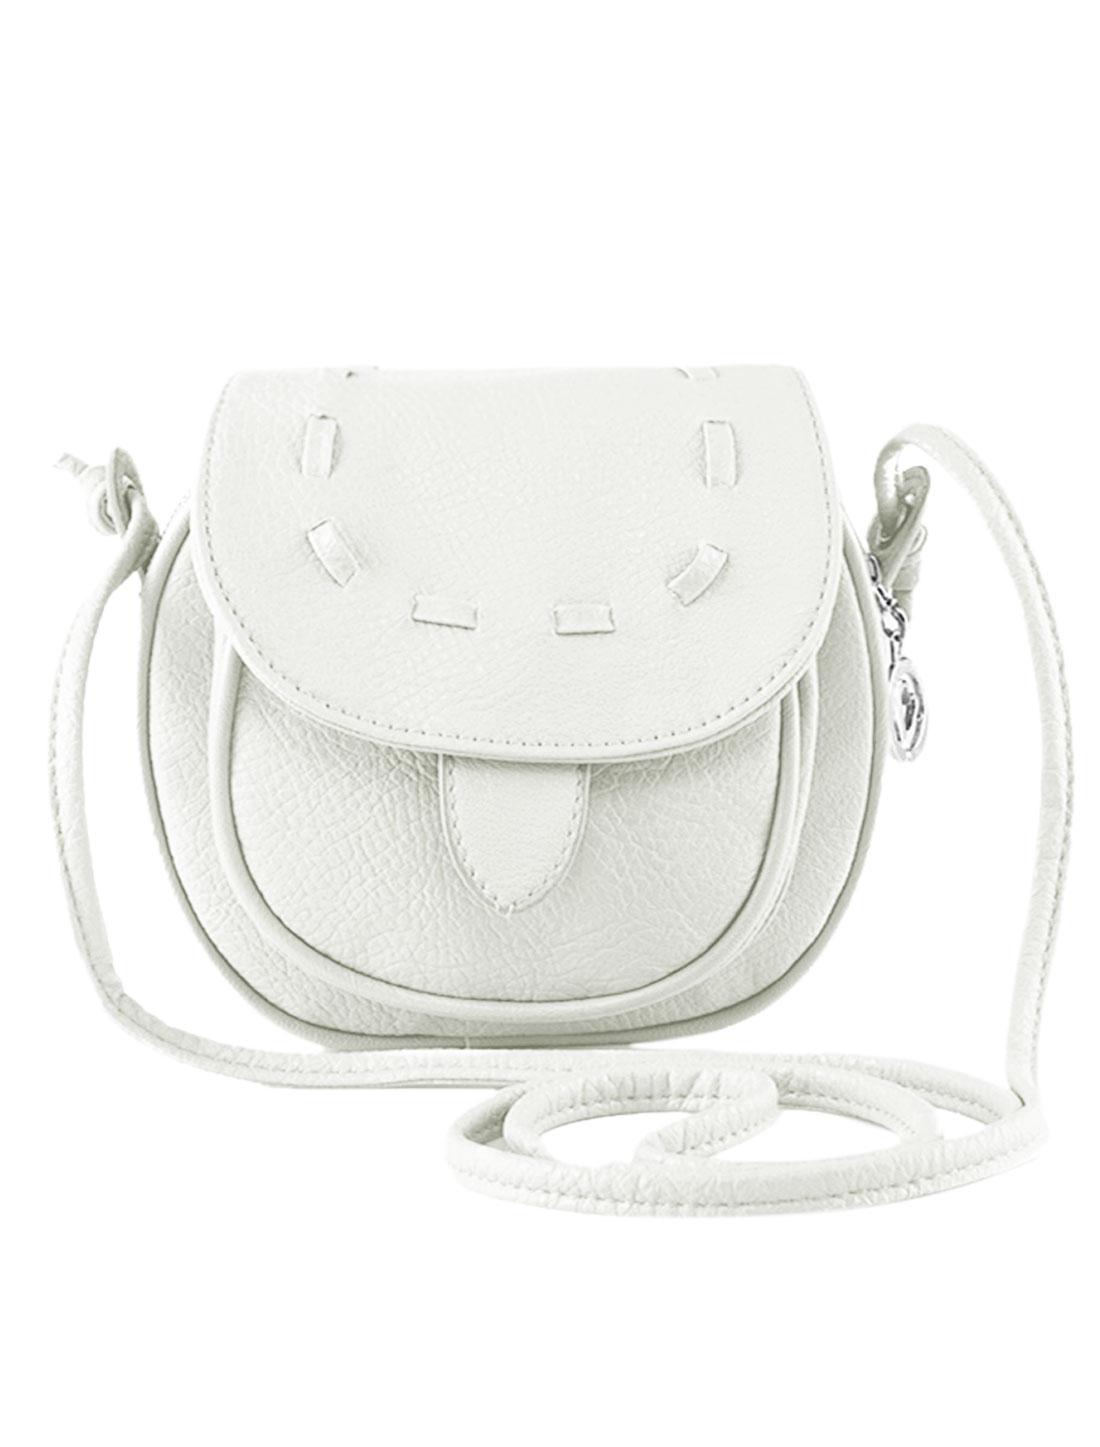 Women Straps Flaptop Stitching Round Edge Mini Crossbody Bags White